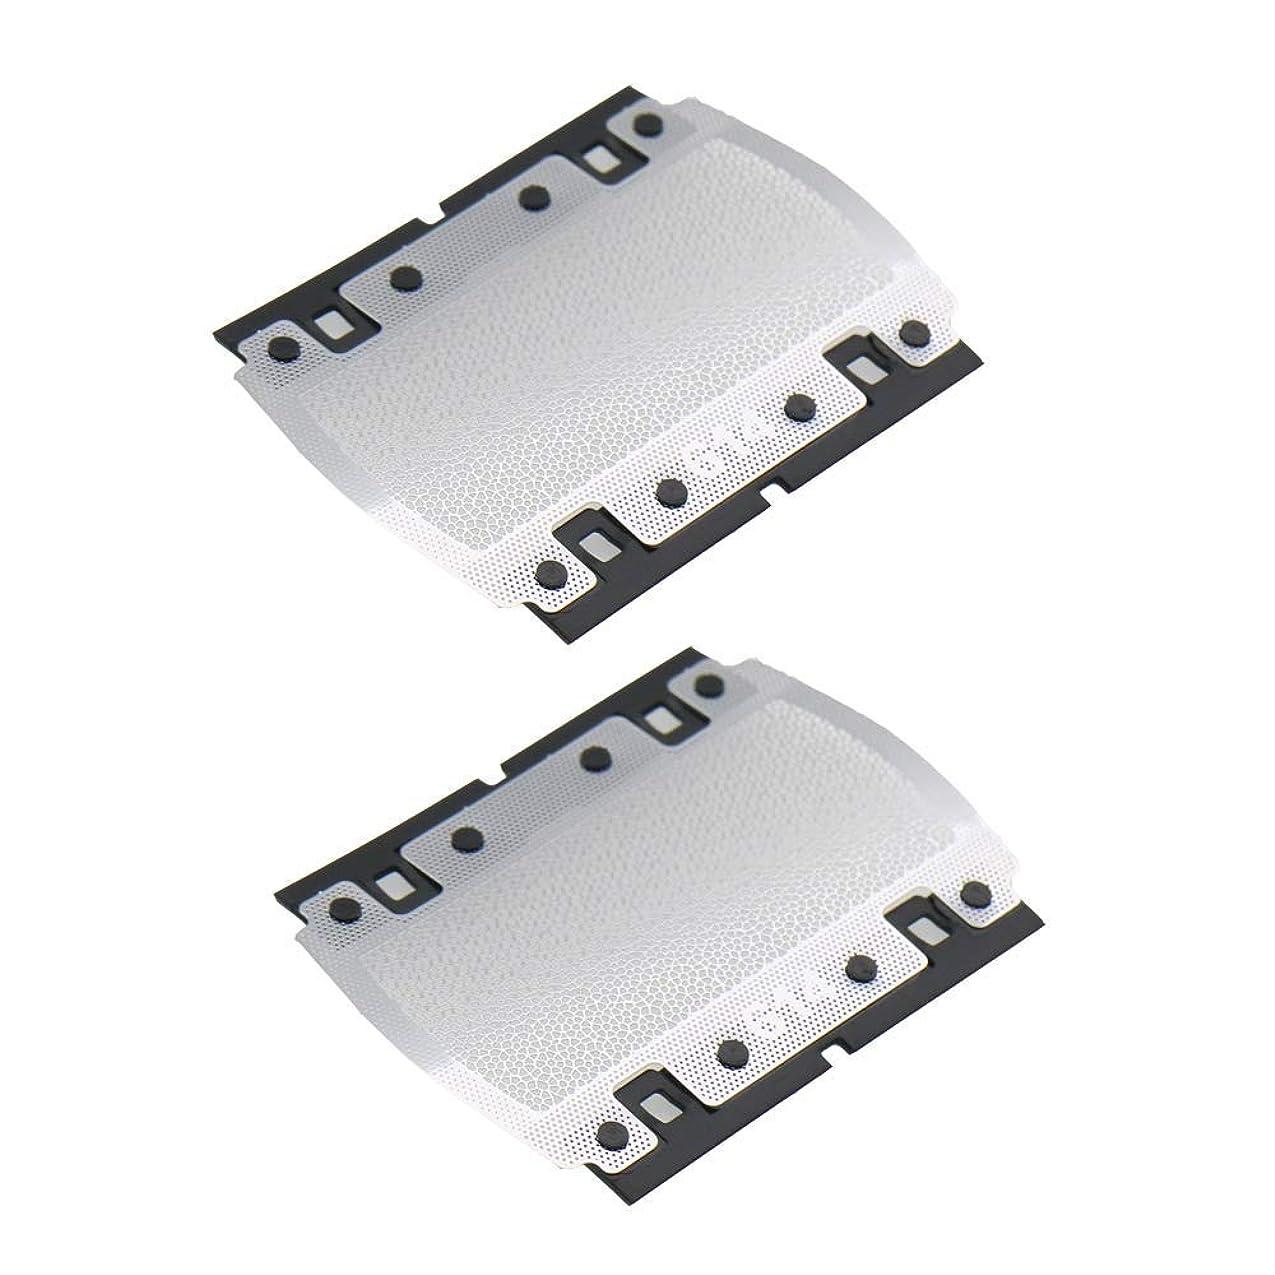 パブ竜巻間隔VWONST 614 Shaver Foil Screen For Braun PocketGo Pocket Twist E-Razor 614 350 355 370 375 5614 5615 P10 Shaver Razor Head Replacement Mesh Grid Net (2)